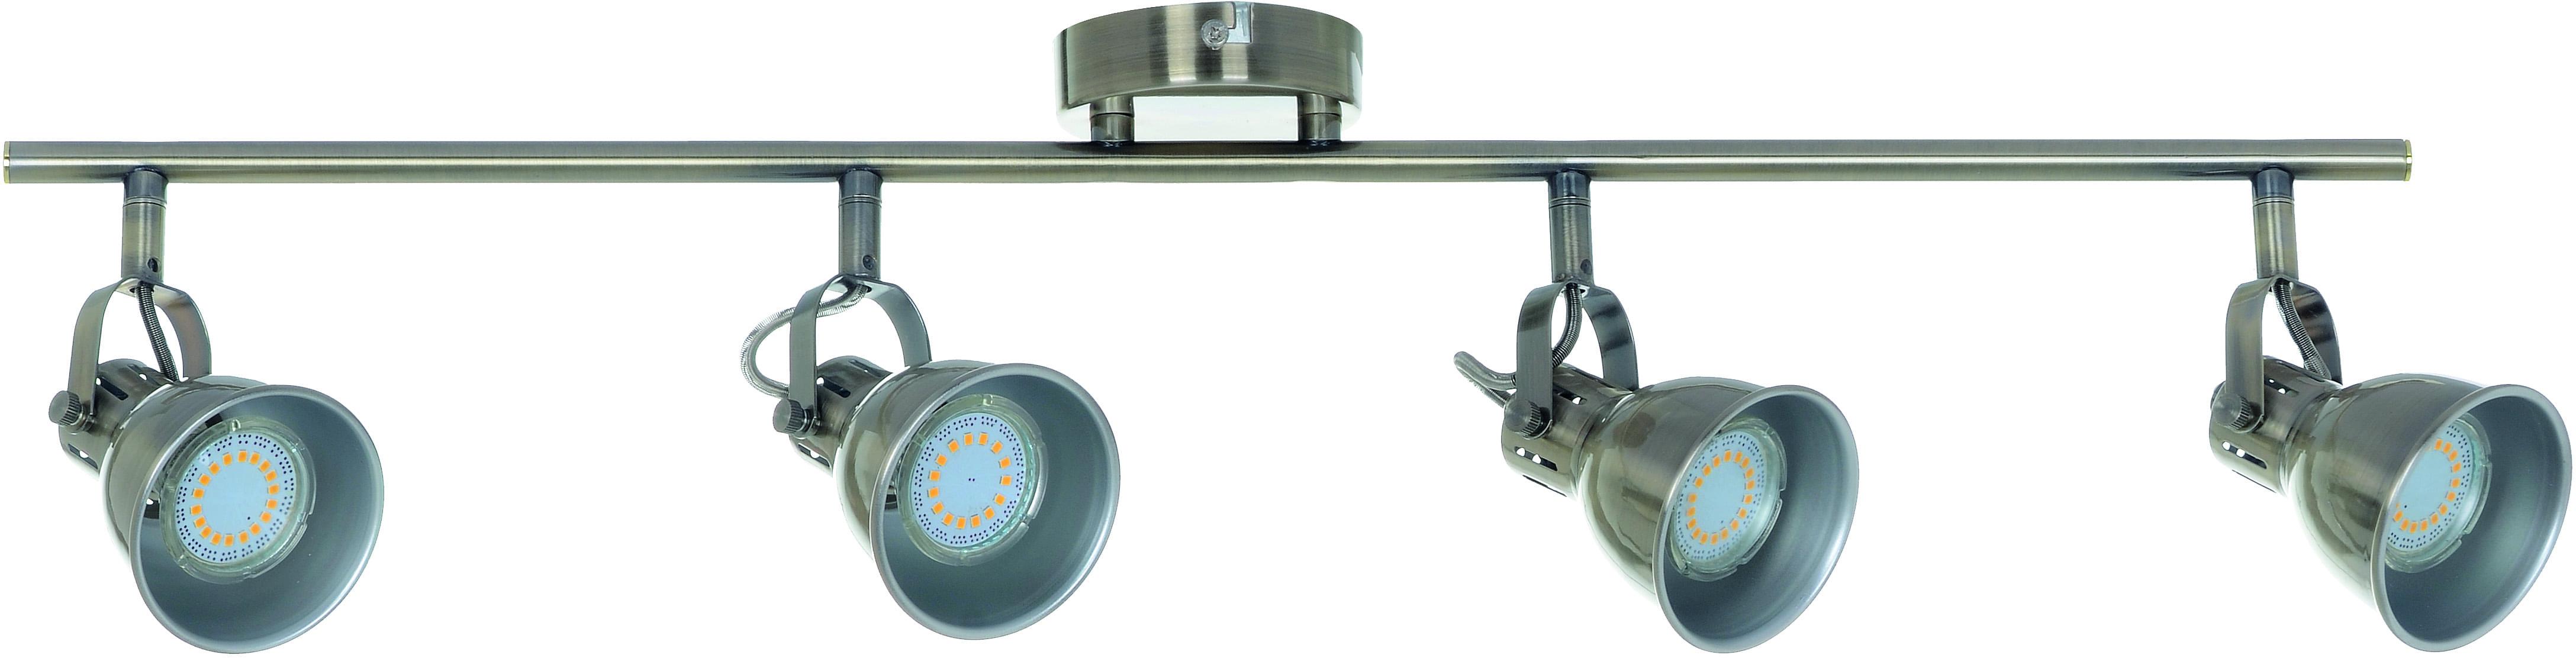 Poczwórne Reflektorki-Listwa spot Pax patyna GU10 LED 4,5 W